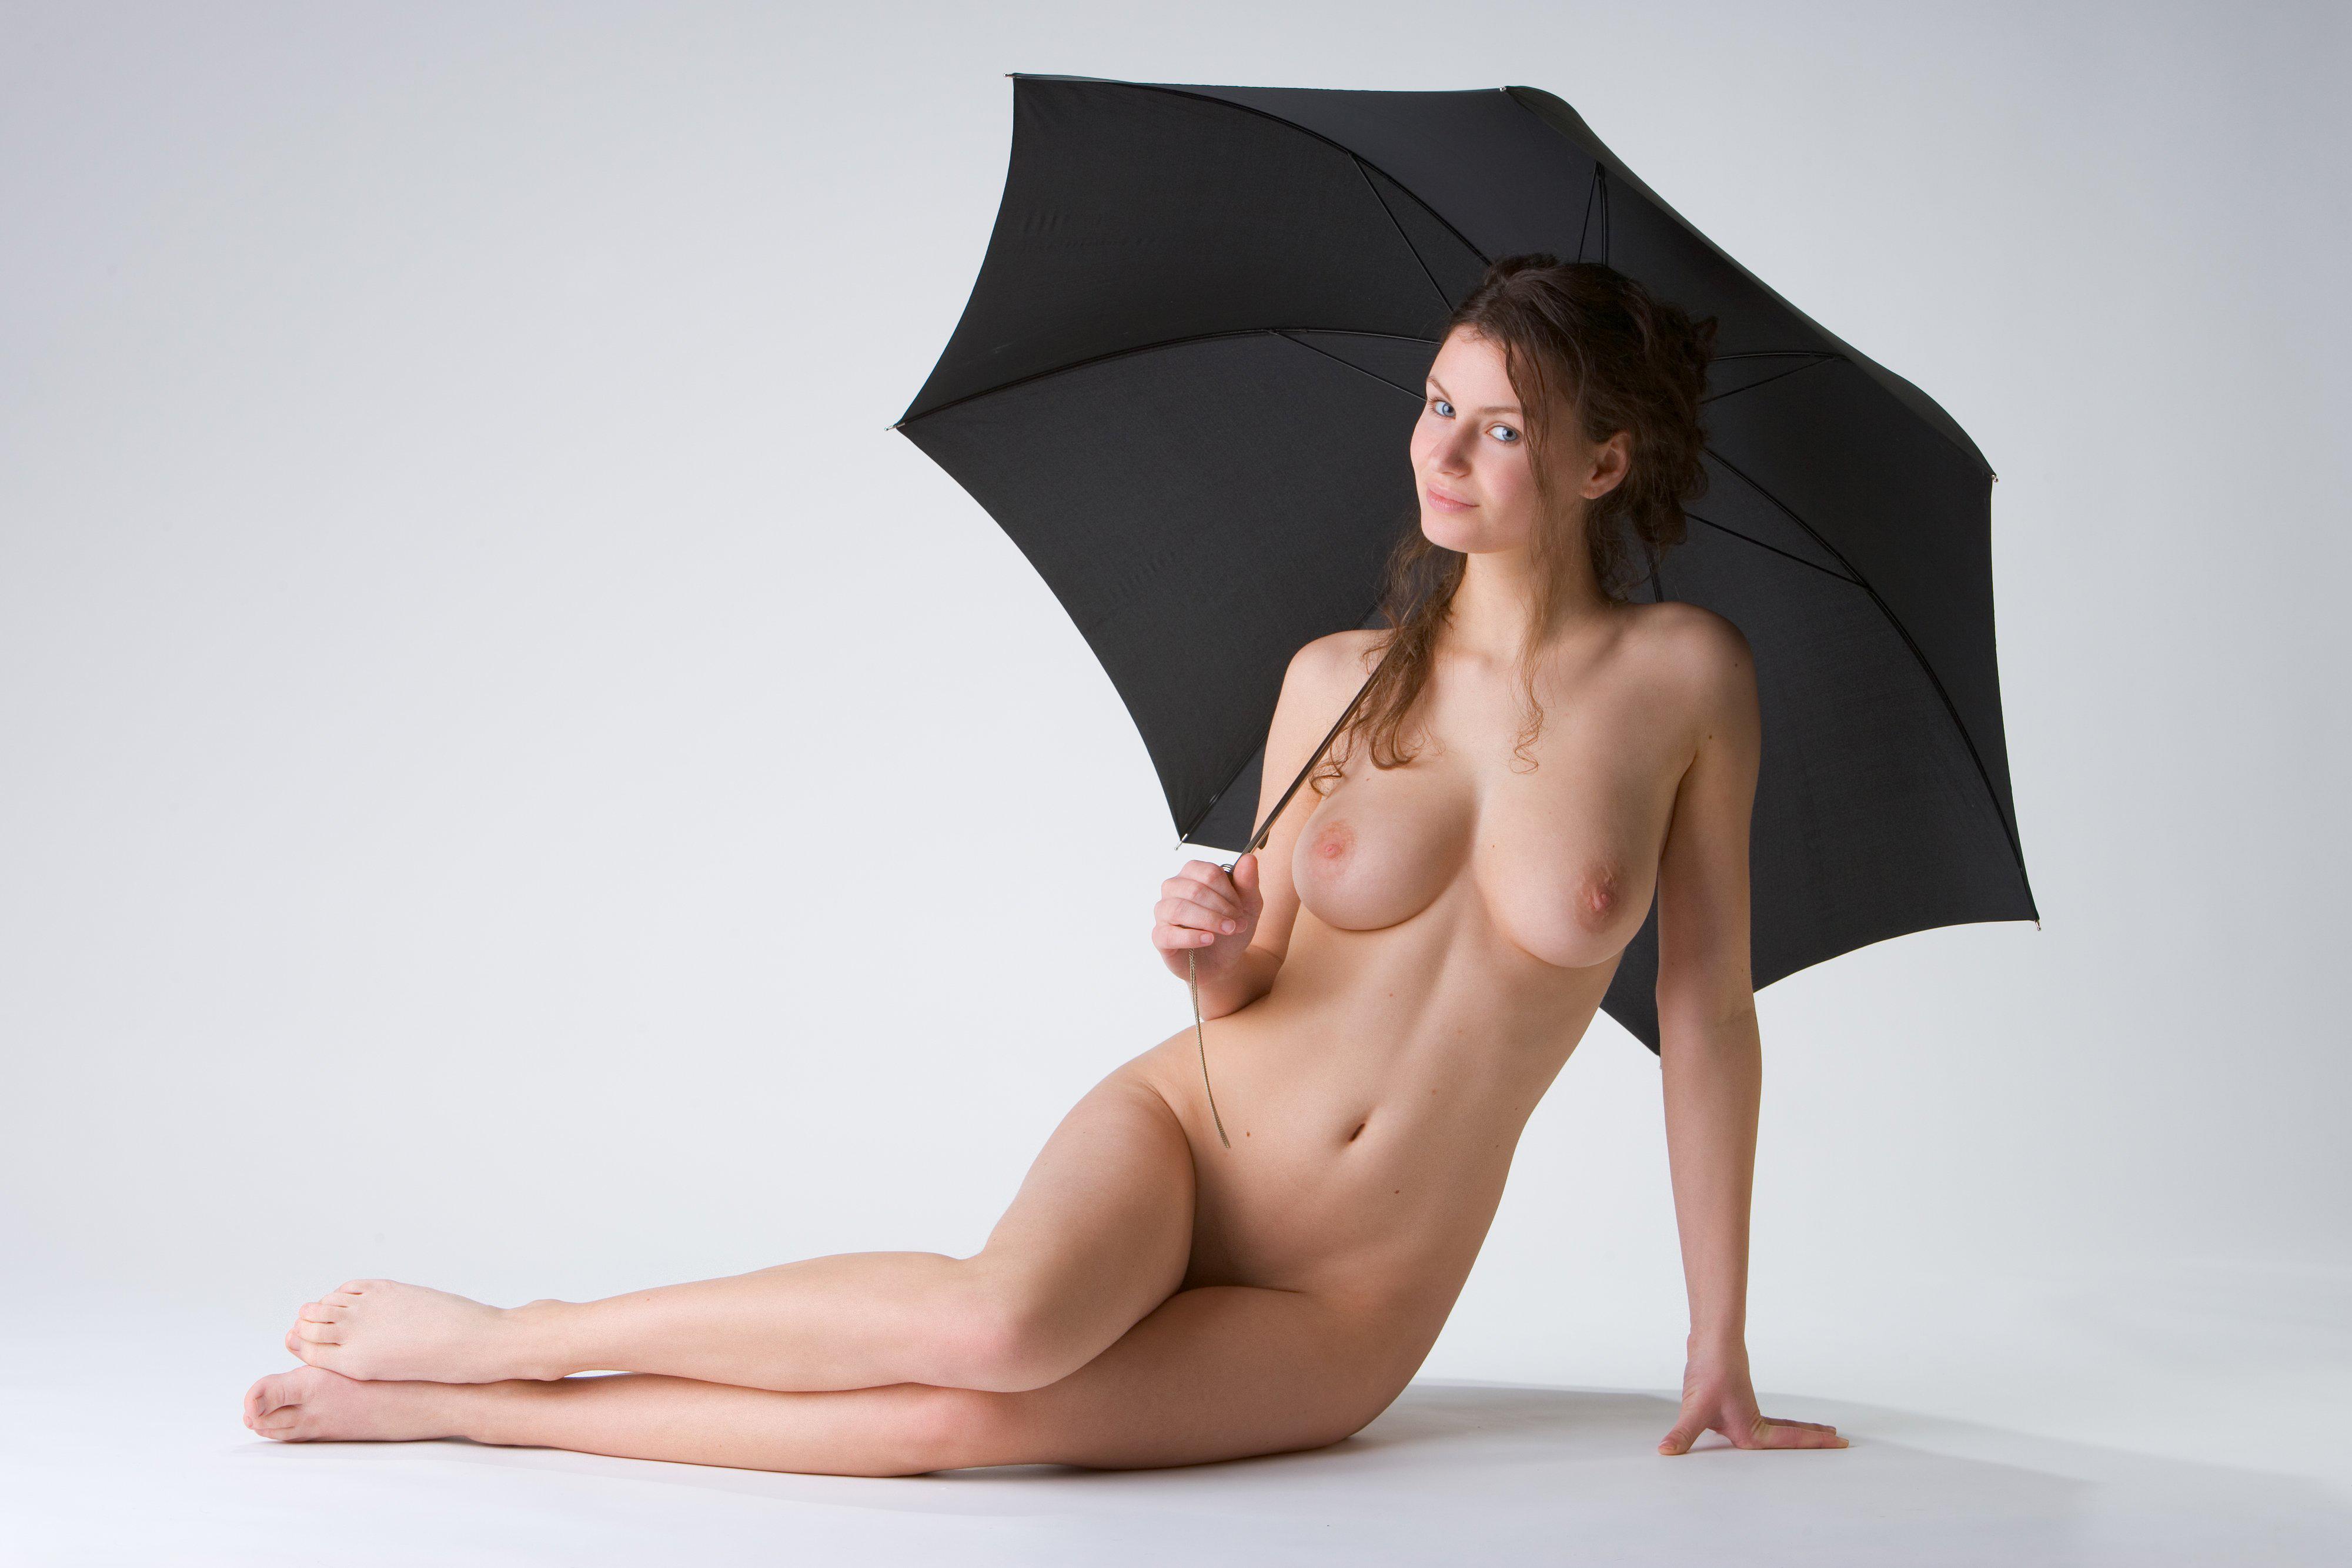 утонченные дамы с зонтиком эро - 13